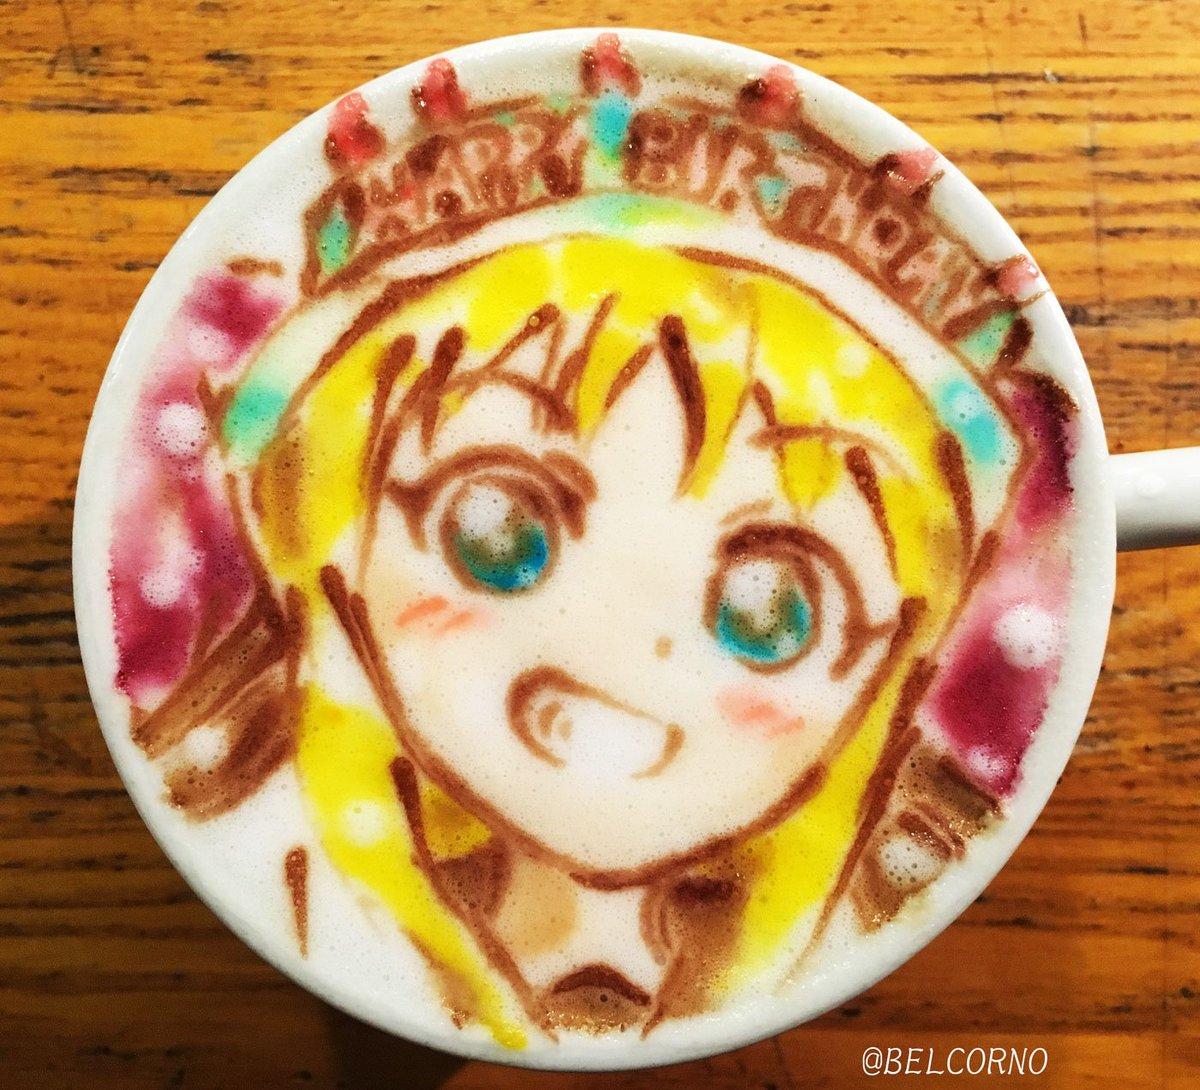 ラテアート【歳納京子】@ゆるゆり 本日お誕生日で一杯。Happy Birthday!#歳納京子生誕祭2017 #yuru